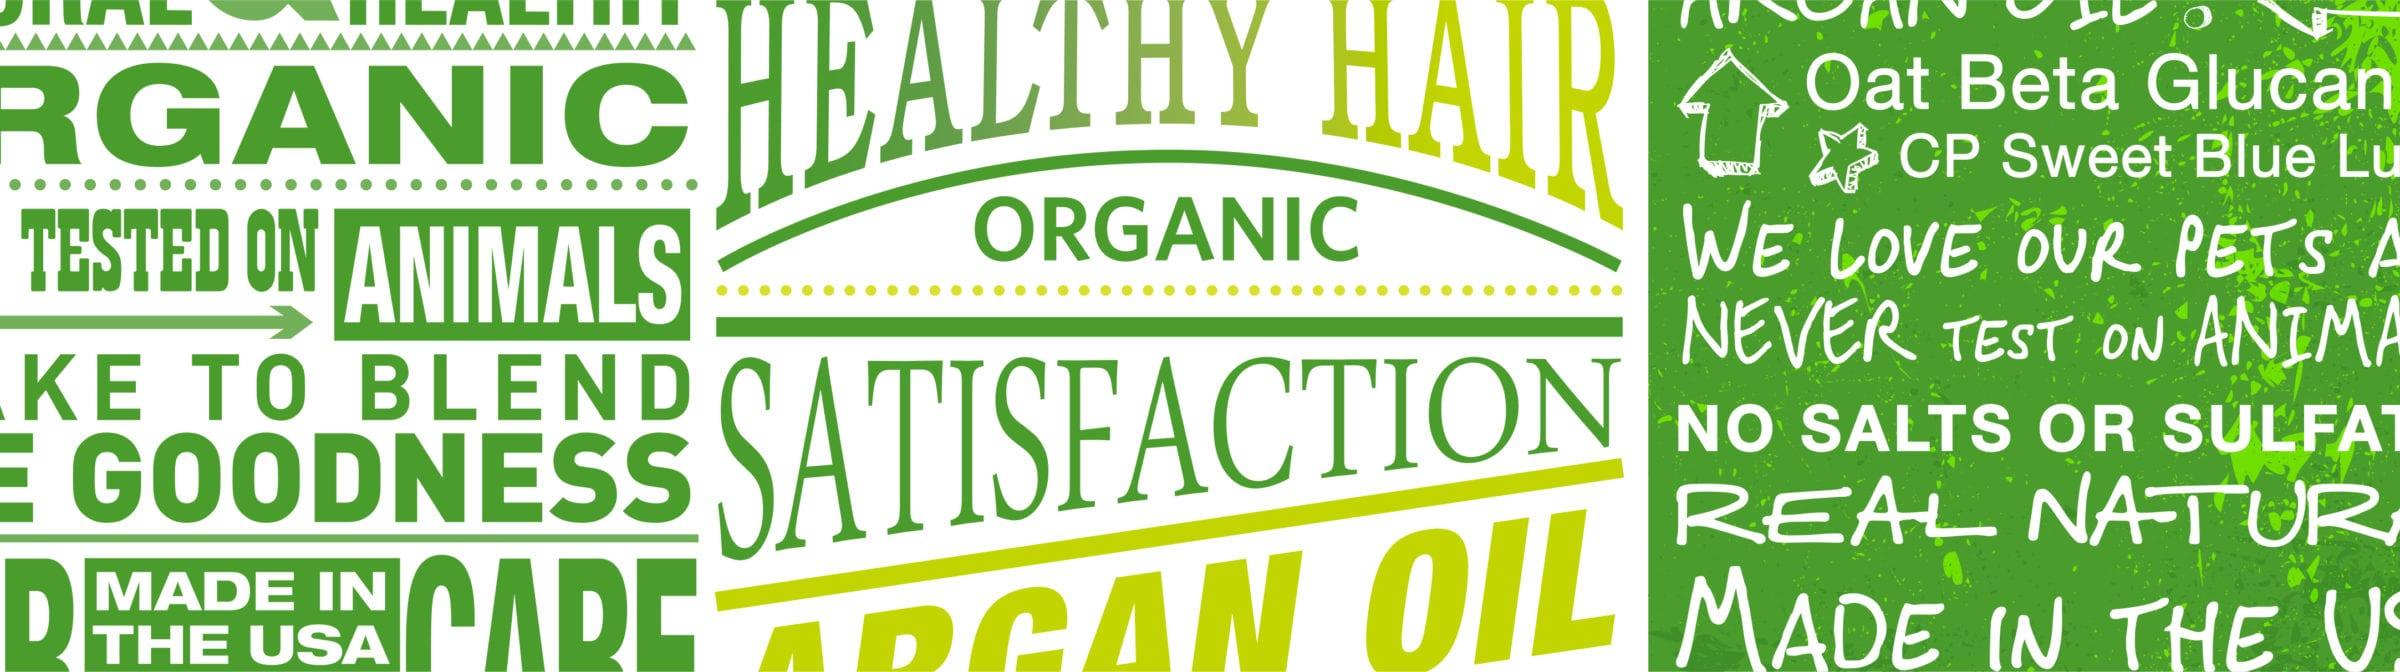 Naturalganic branding